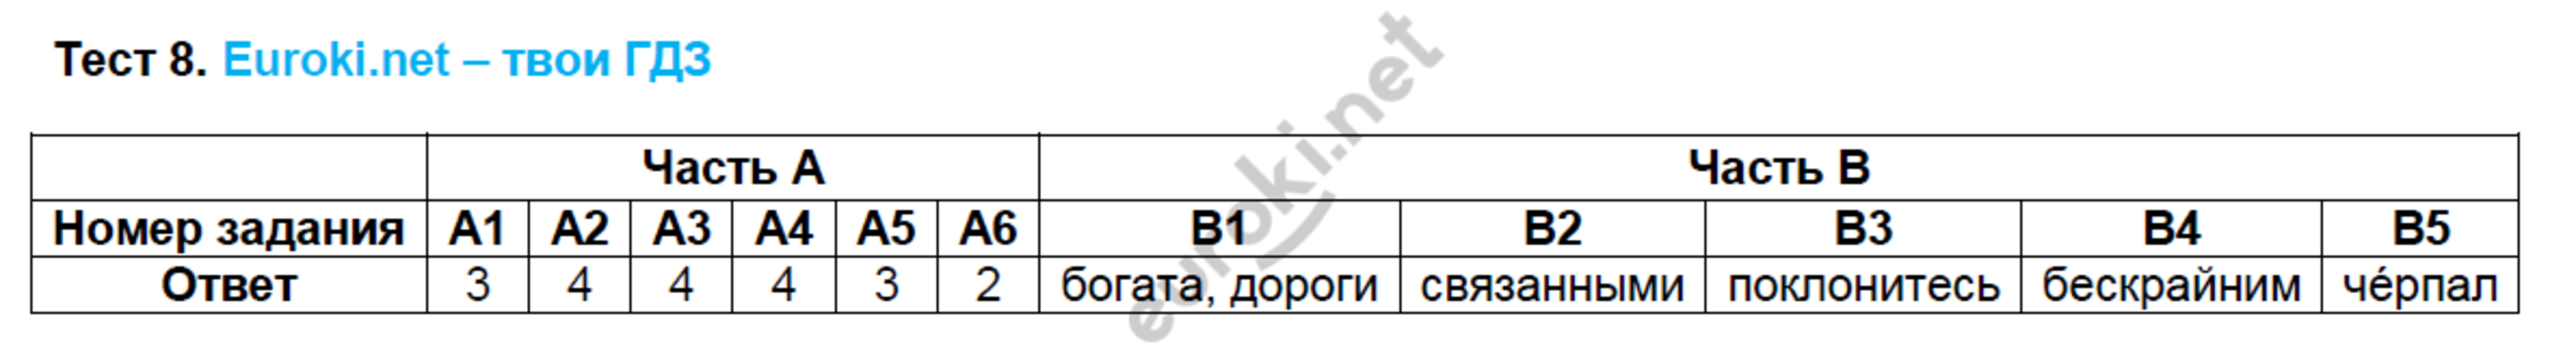 ГДЗ по русскому языку 8 класс тесты Груздева, Разумовская Экзамен ответы и решения онлайн. Задание: Тест 8